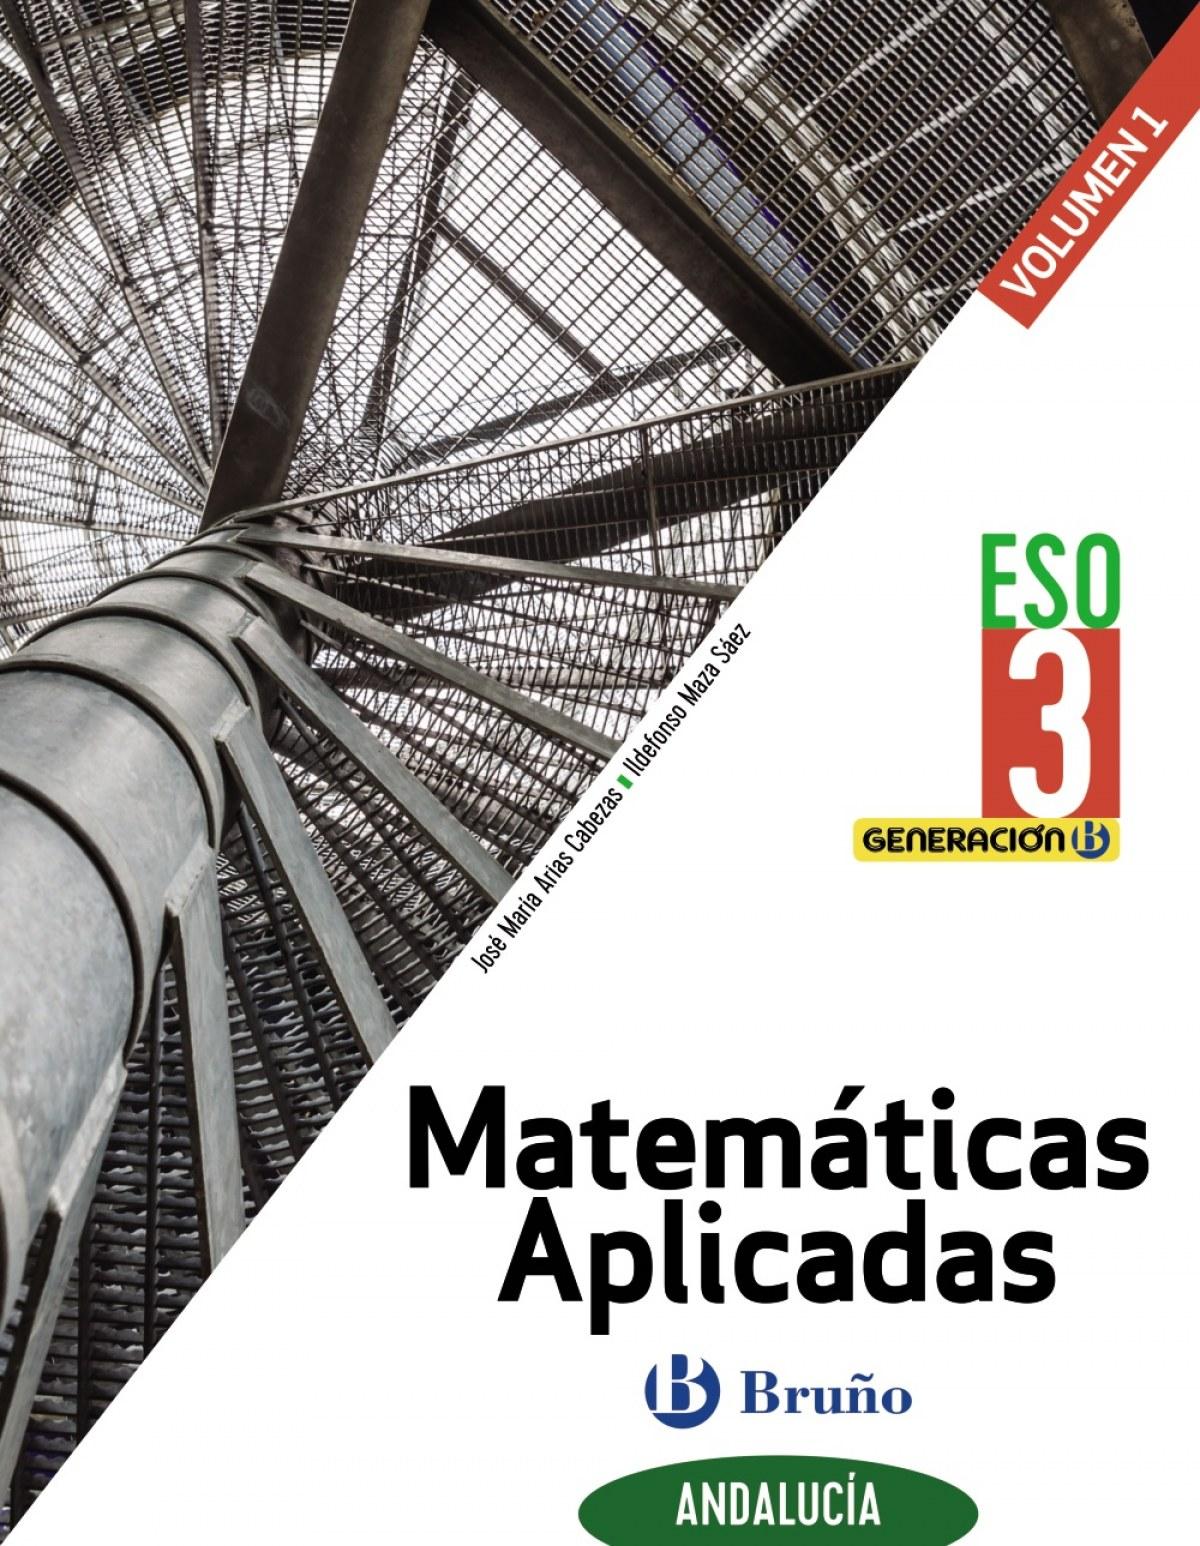 Generación B Matemáticas Aplicadas 3 ESO Andalucía 3 volúmenes